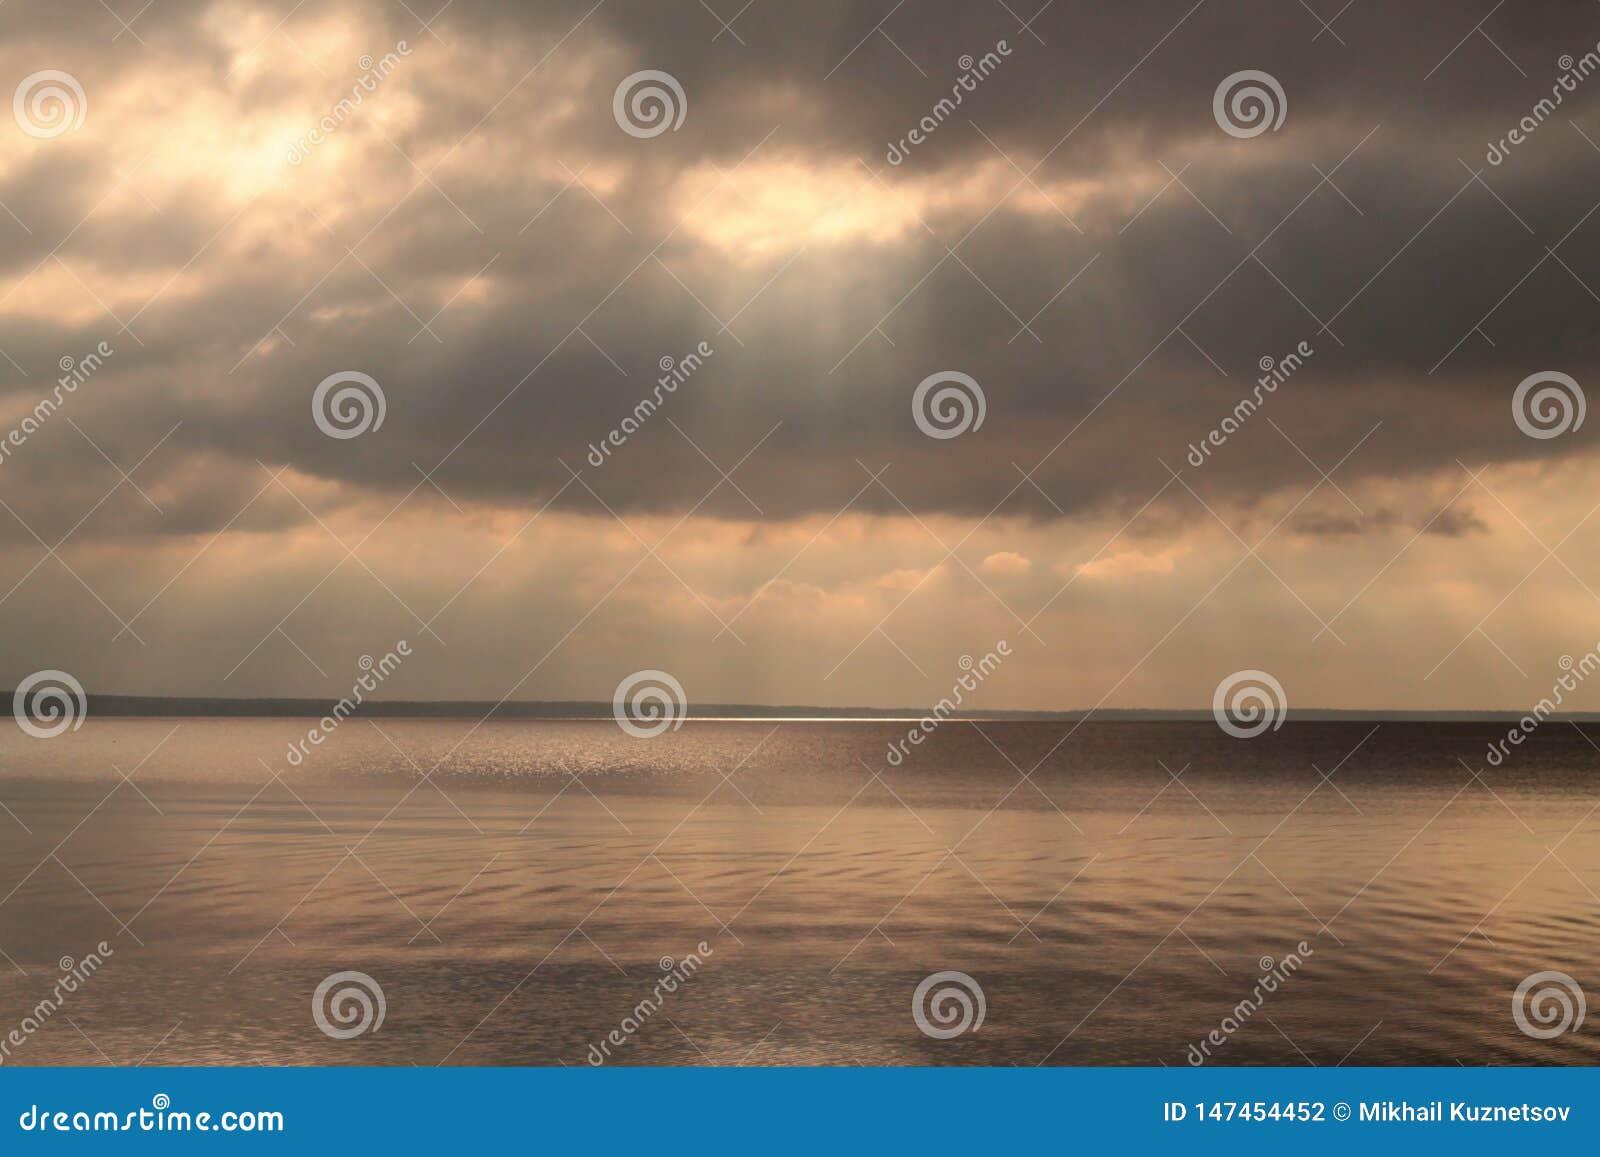 Rayos solares a trav?s de las nubes sobre el lago inm?vil antes de la lluvia